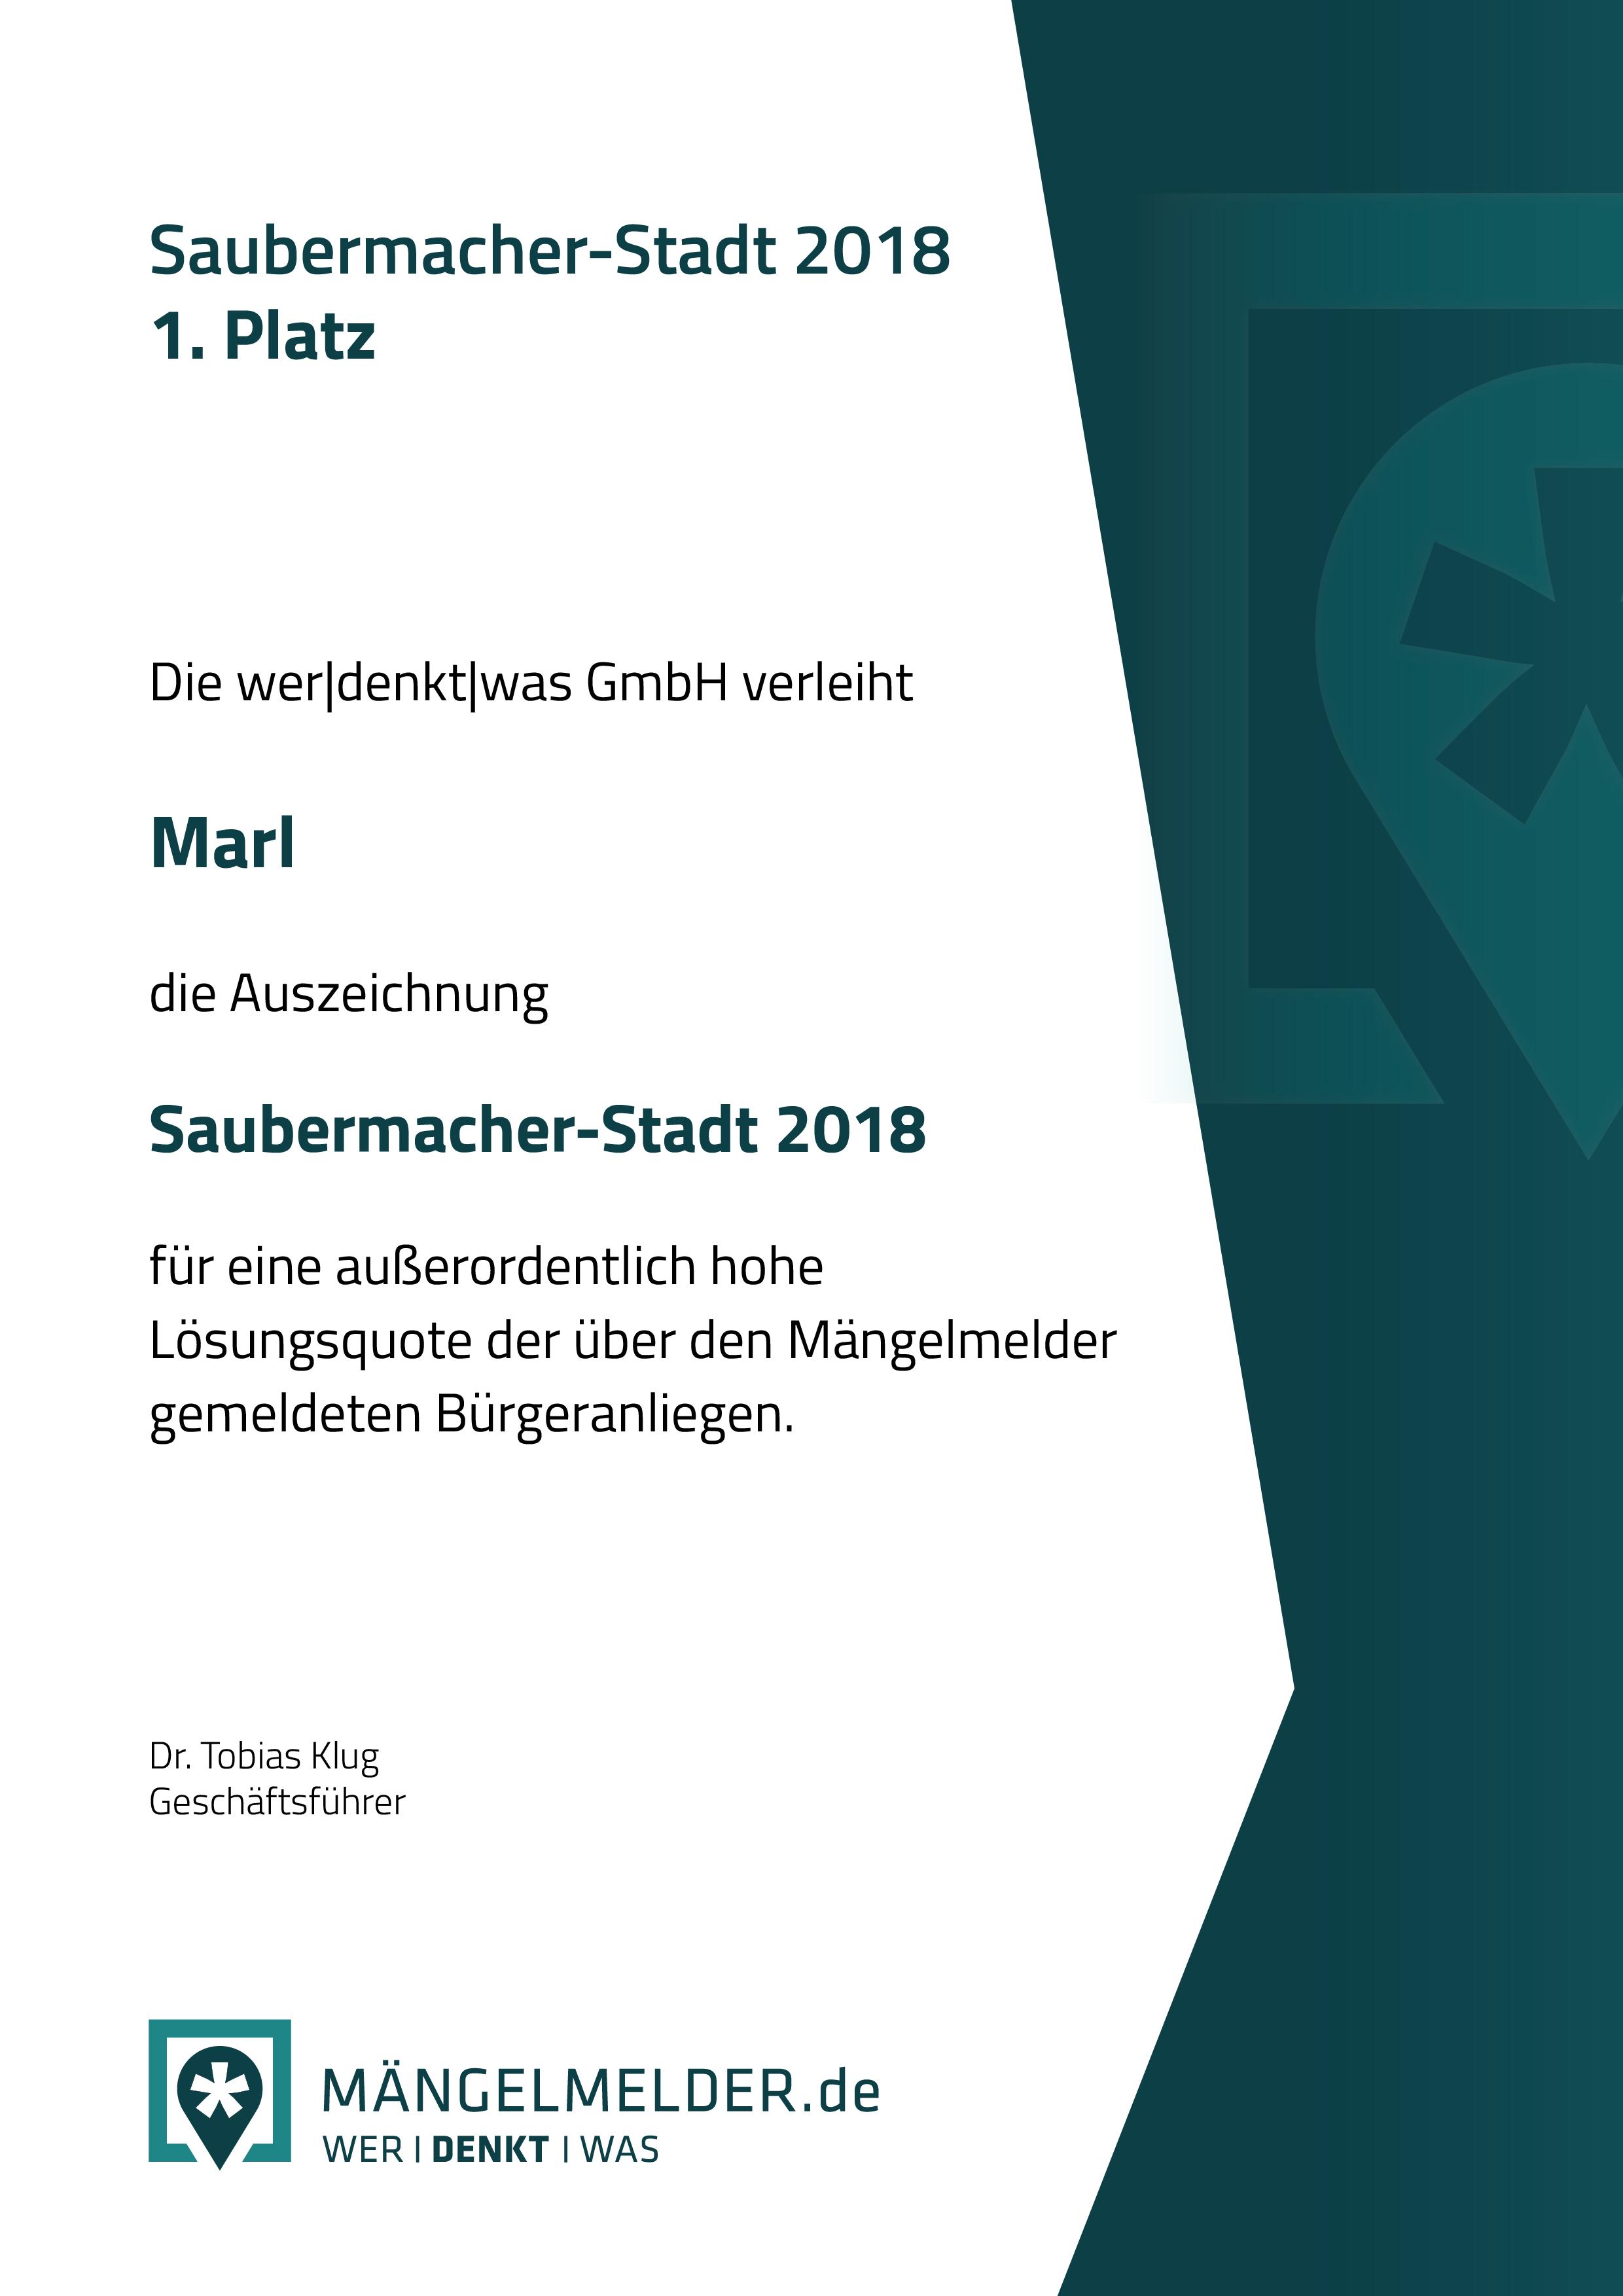 Urkunde Saubermacherstadt der Stadt Marl